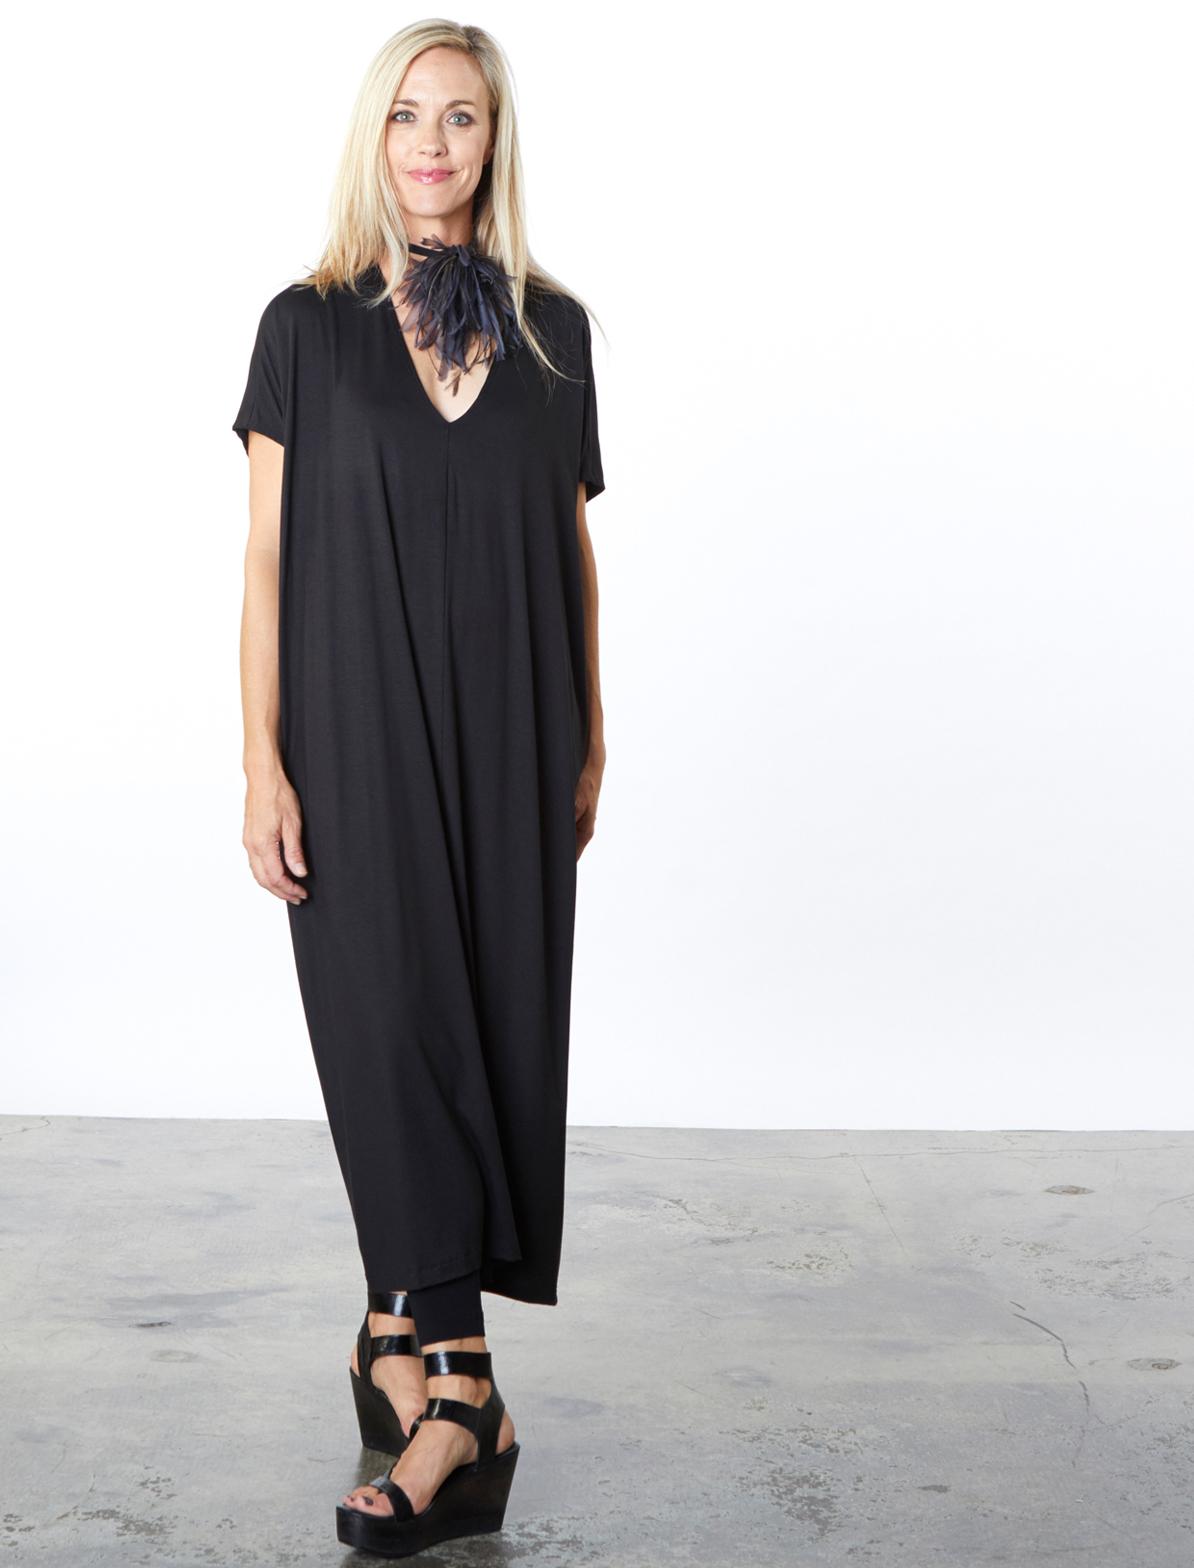 Rowan Dress in Black Italian Viscose Jersey